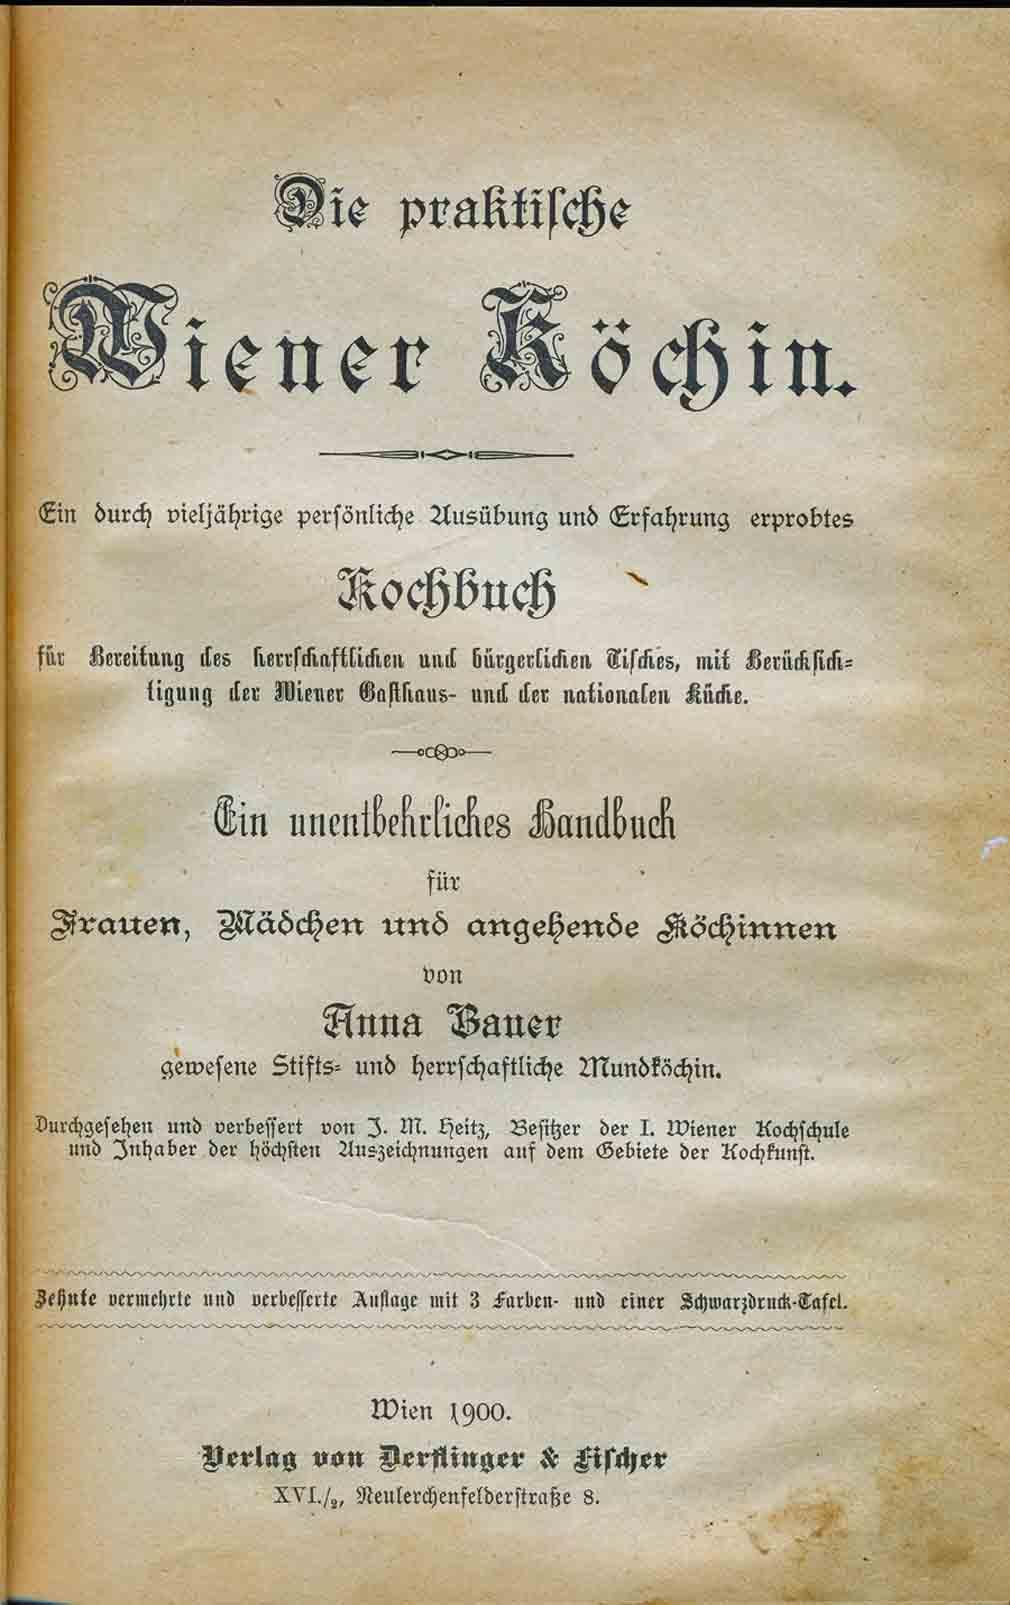 Image for Die Praktilche Wiener Kochin and Hausfrau